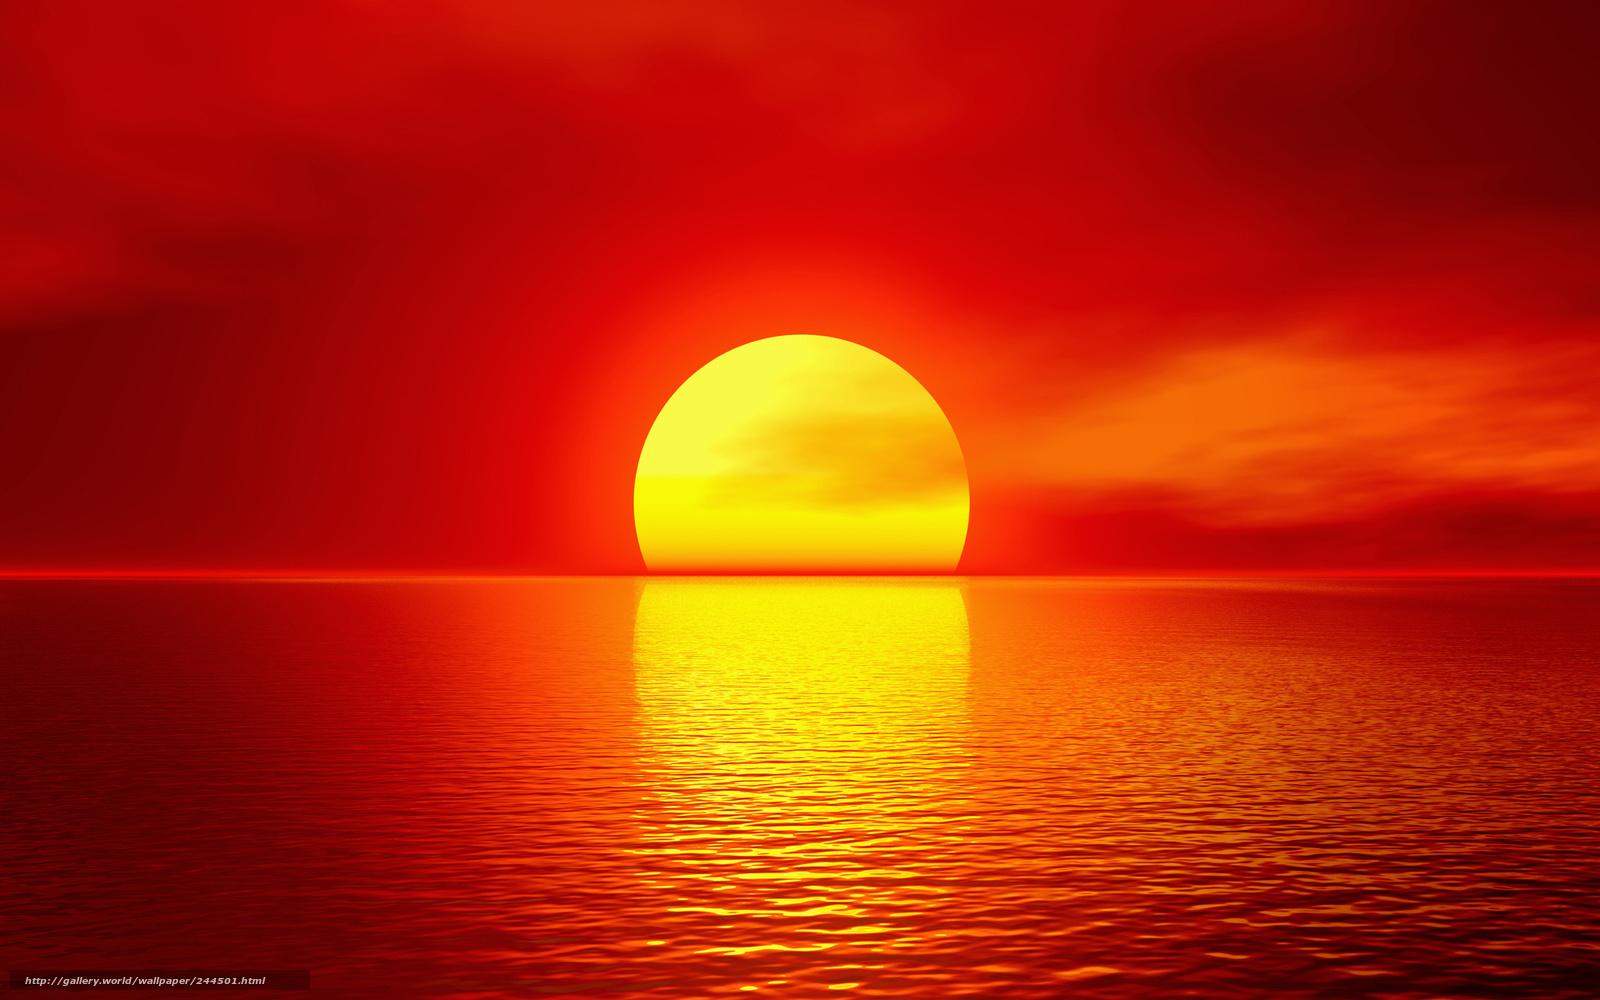 tlcharger fond d 39 ecran soleil mer coucher du soleil rouge fonds d 39 ecran gratuits pour votre. Black Bedroom Furniture Sets. Home Design Ideas